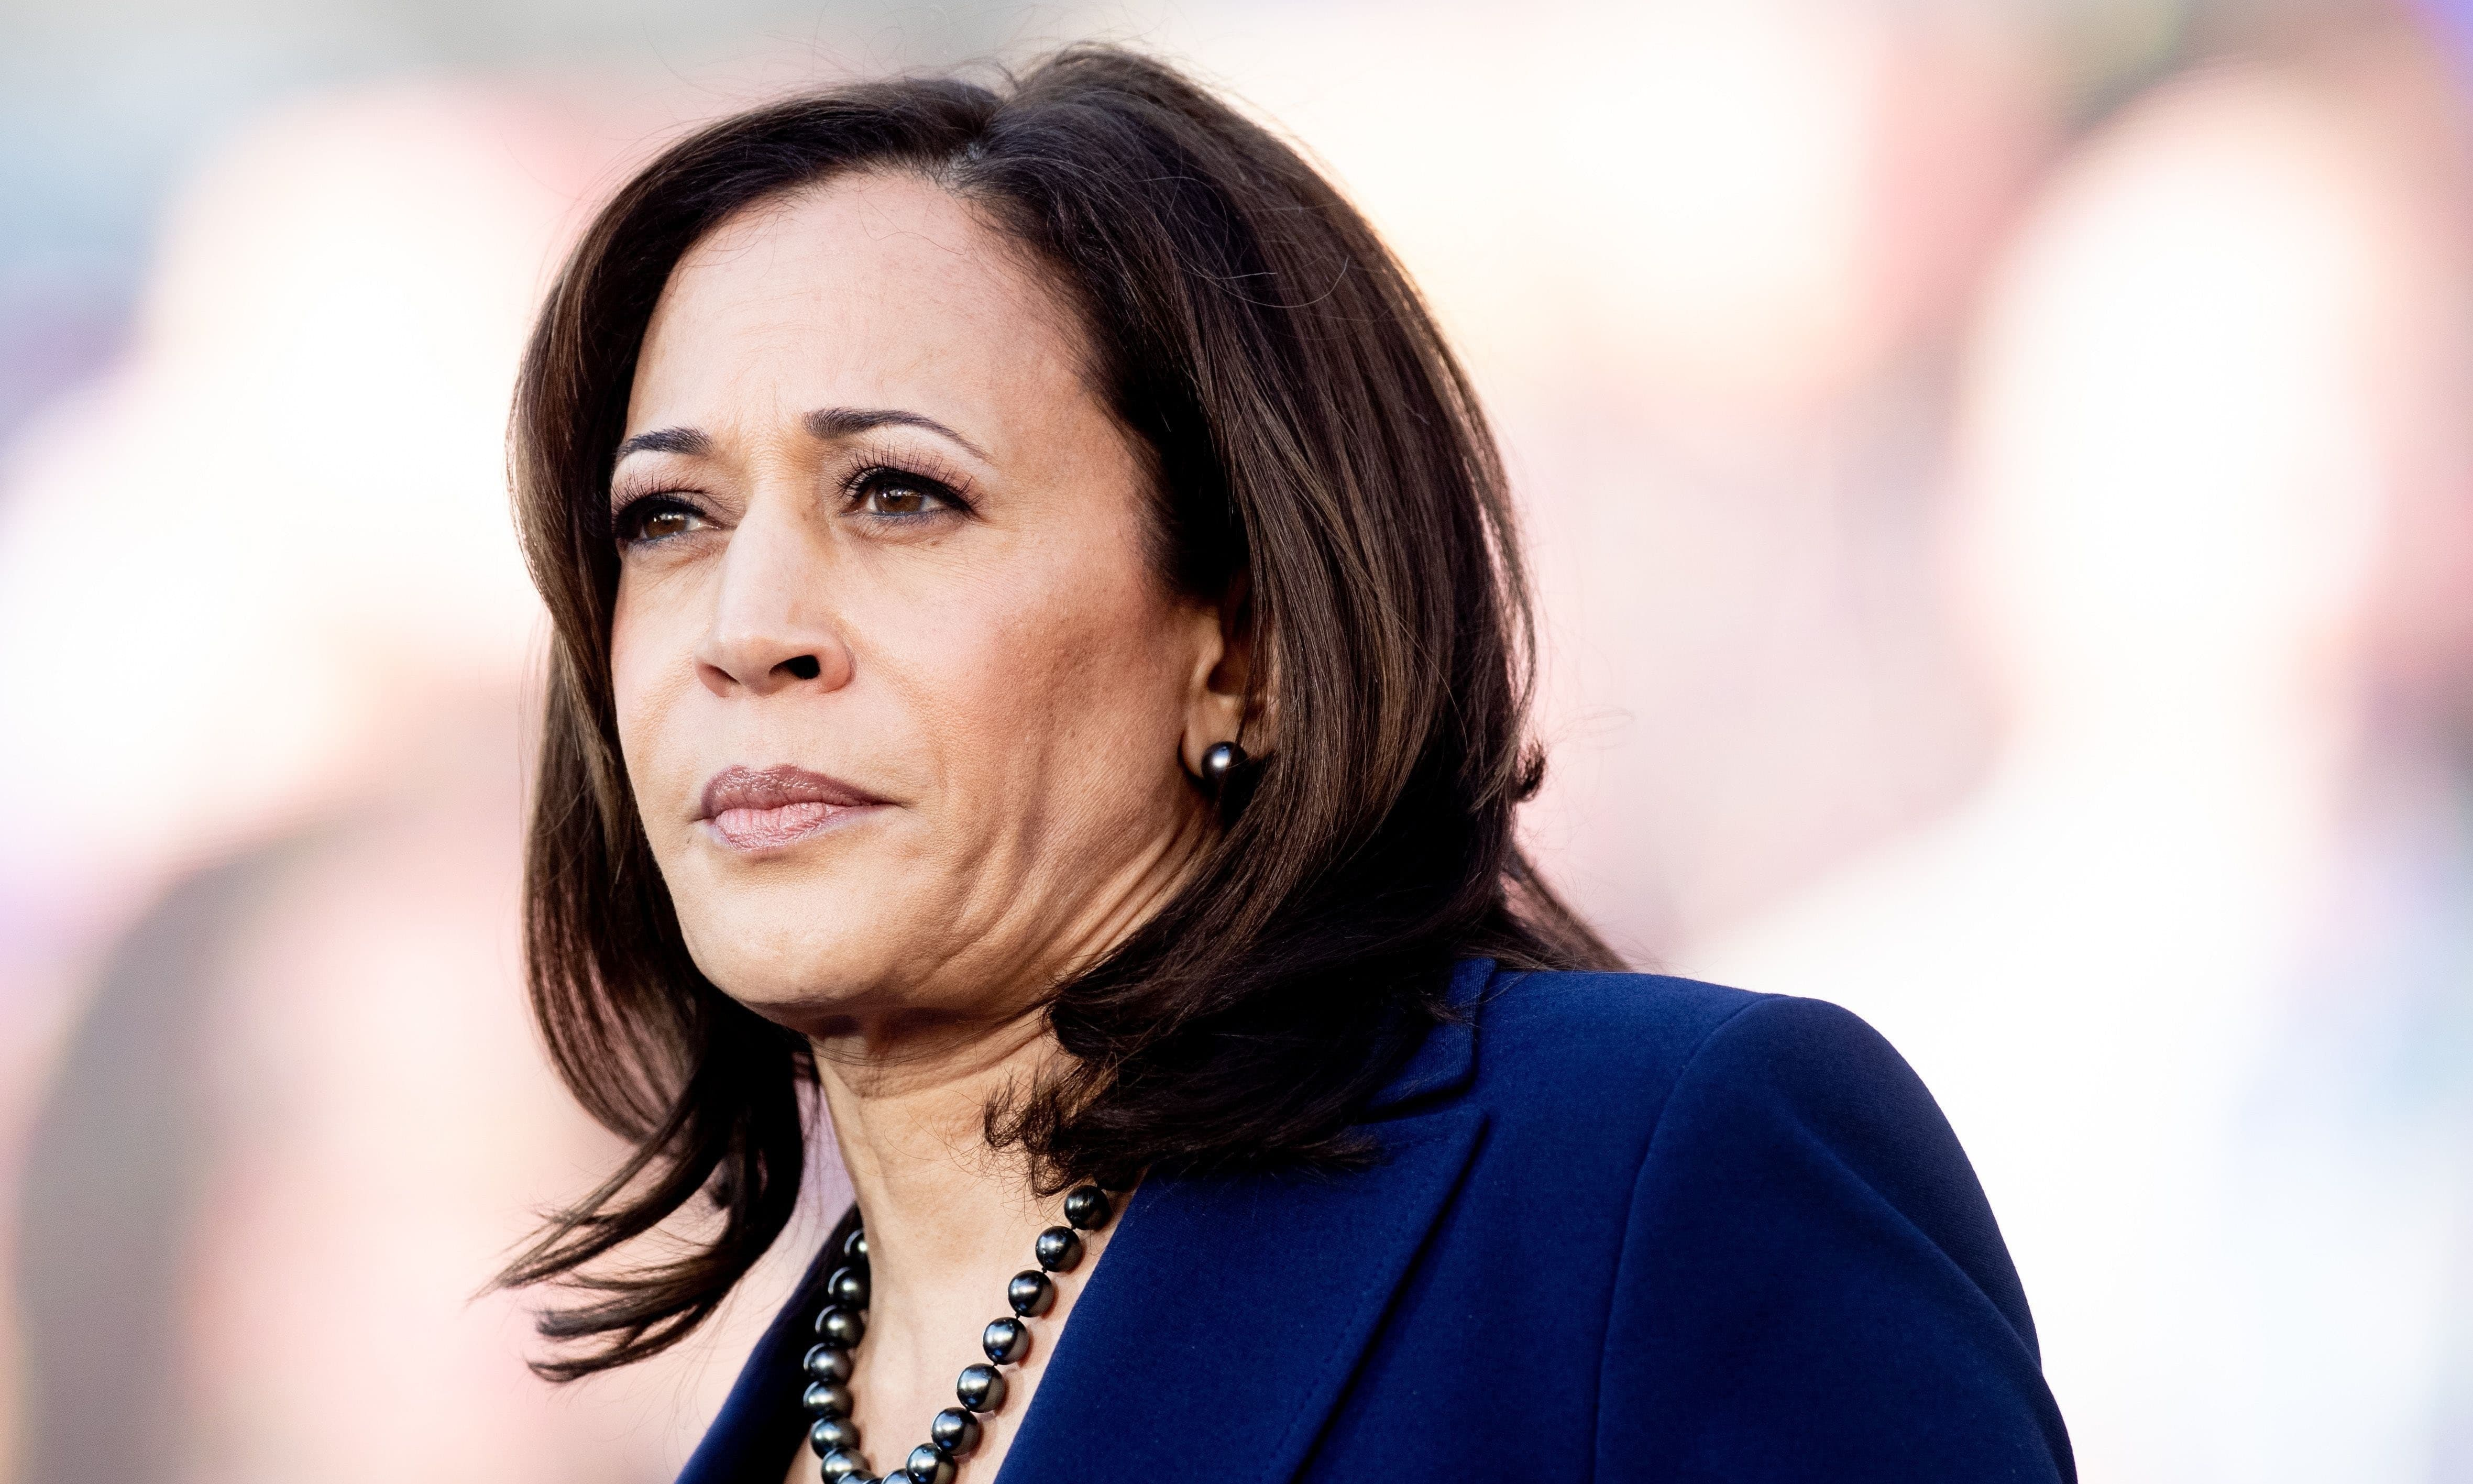 کمالا ہیرس 2016 میں کیلی فورنیا سے سینیٹر منتخب ہوئیں—فائل/فوٹو:اے ایف پی